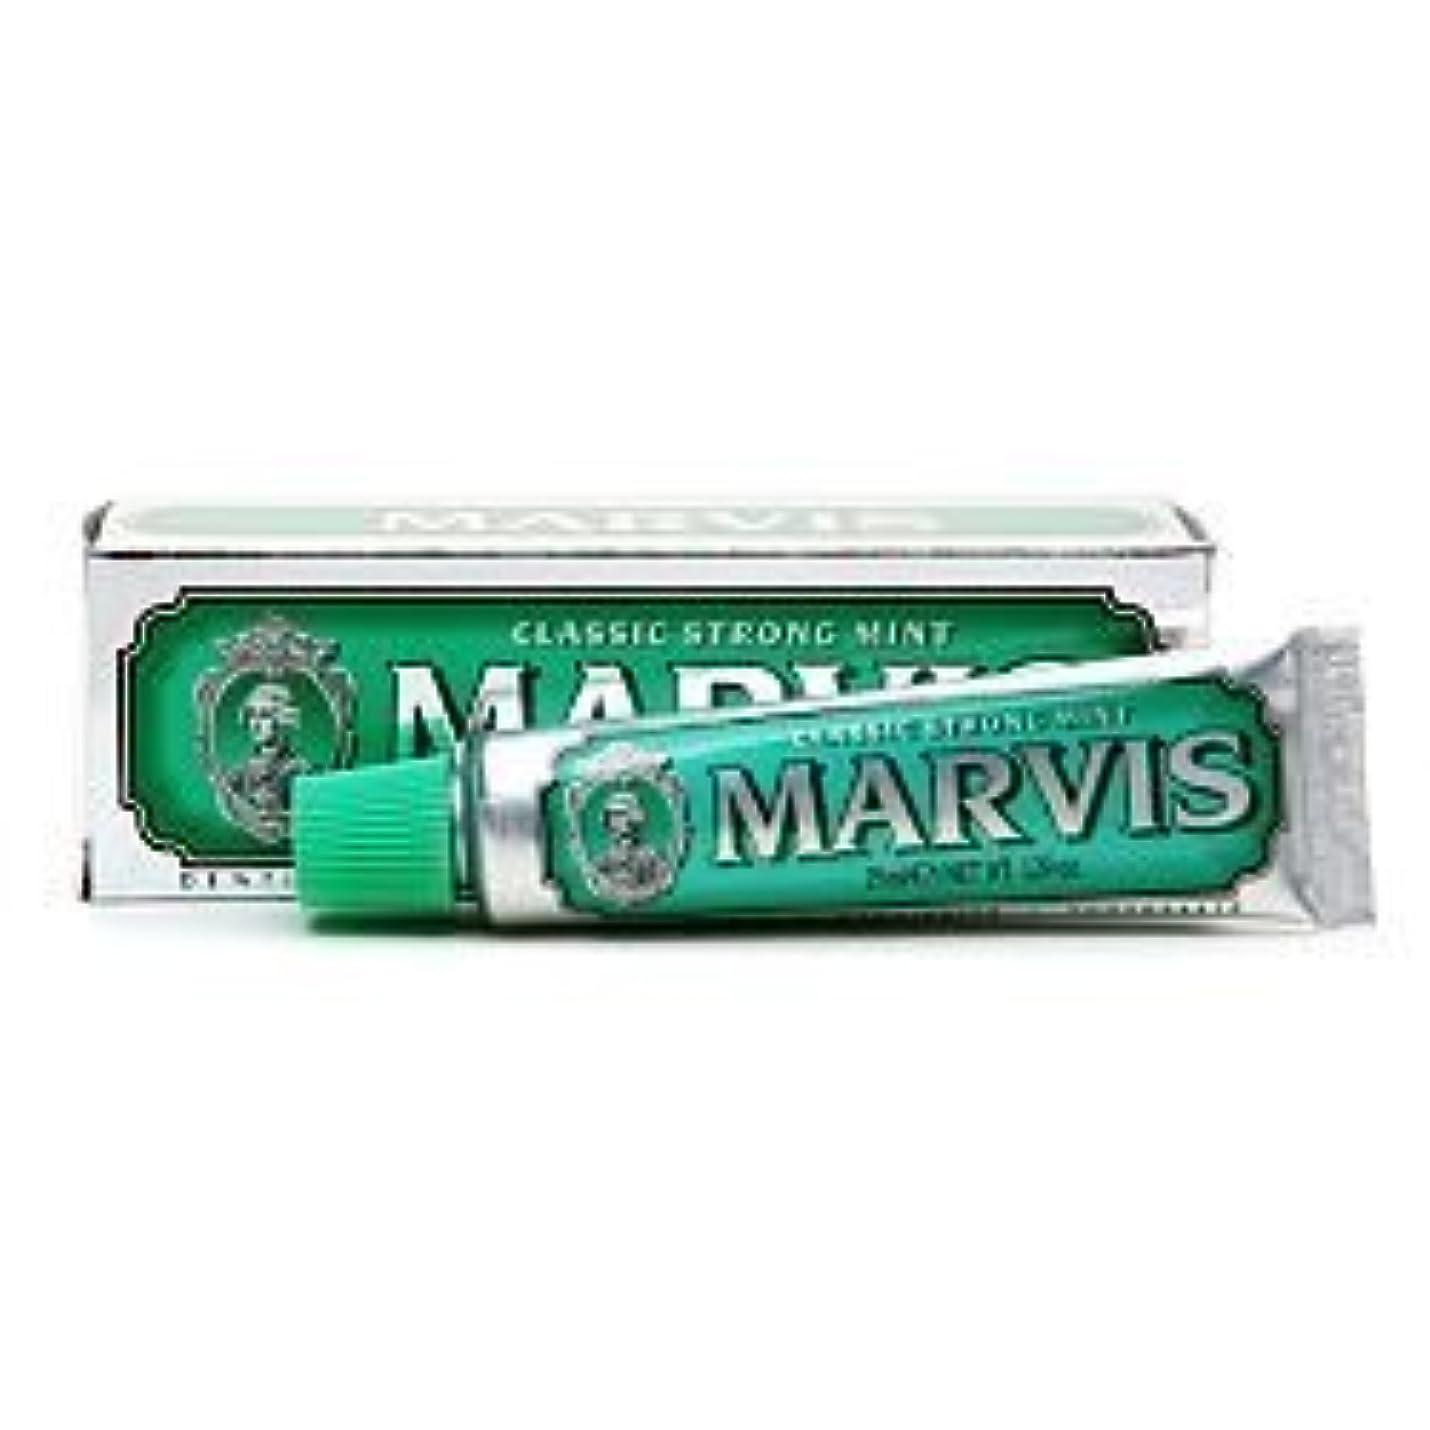 ましい溶けた納得させるMarvis Travel Sized Toothpaste, Classic Strong Mint 1.29 oz (25 ml) (Qunatity of 4) by Marvis [並行輸入品]